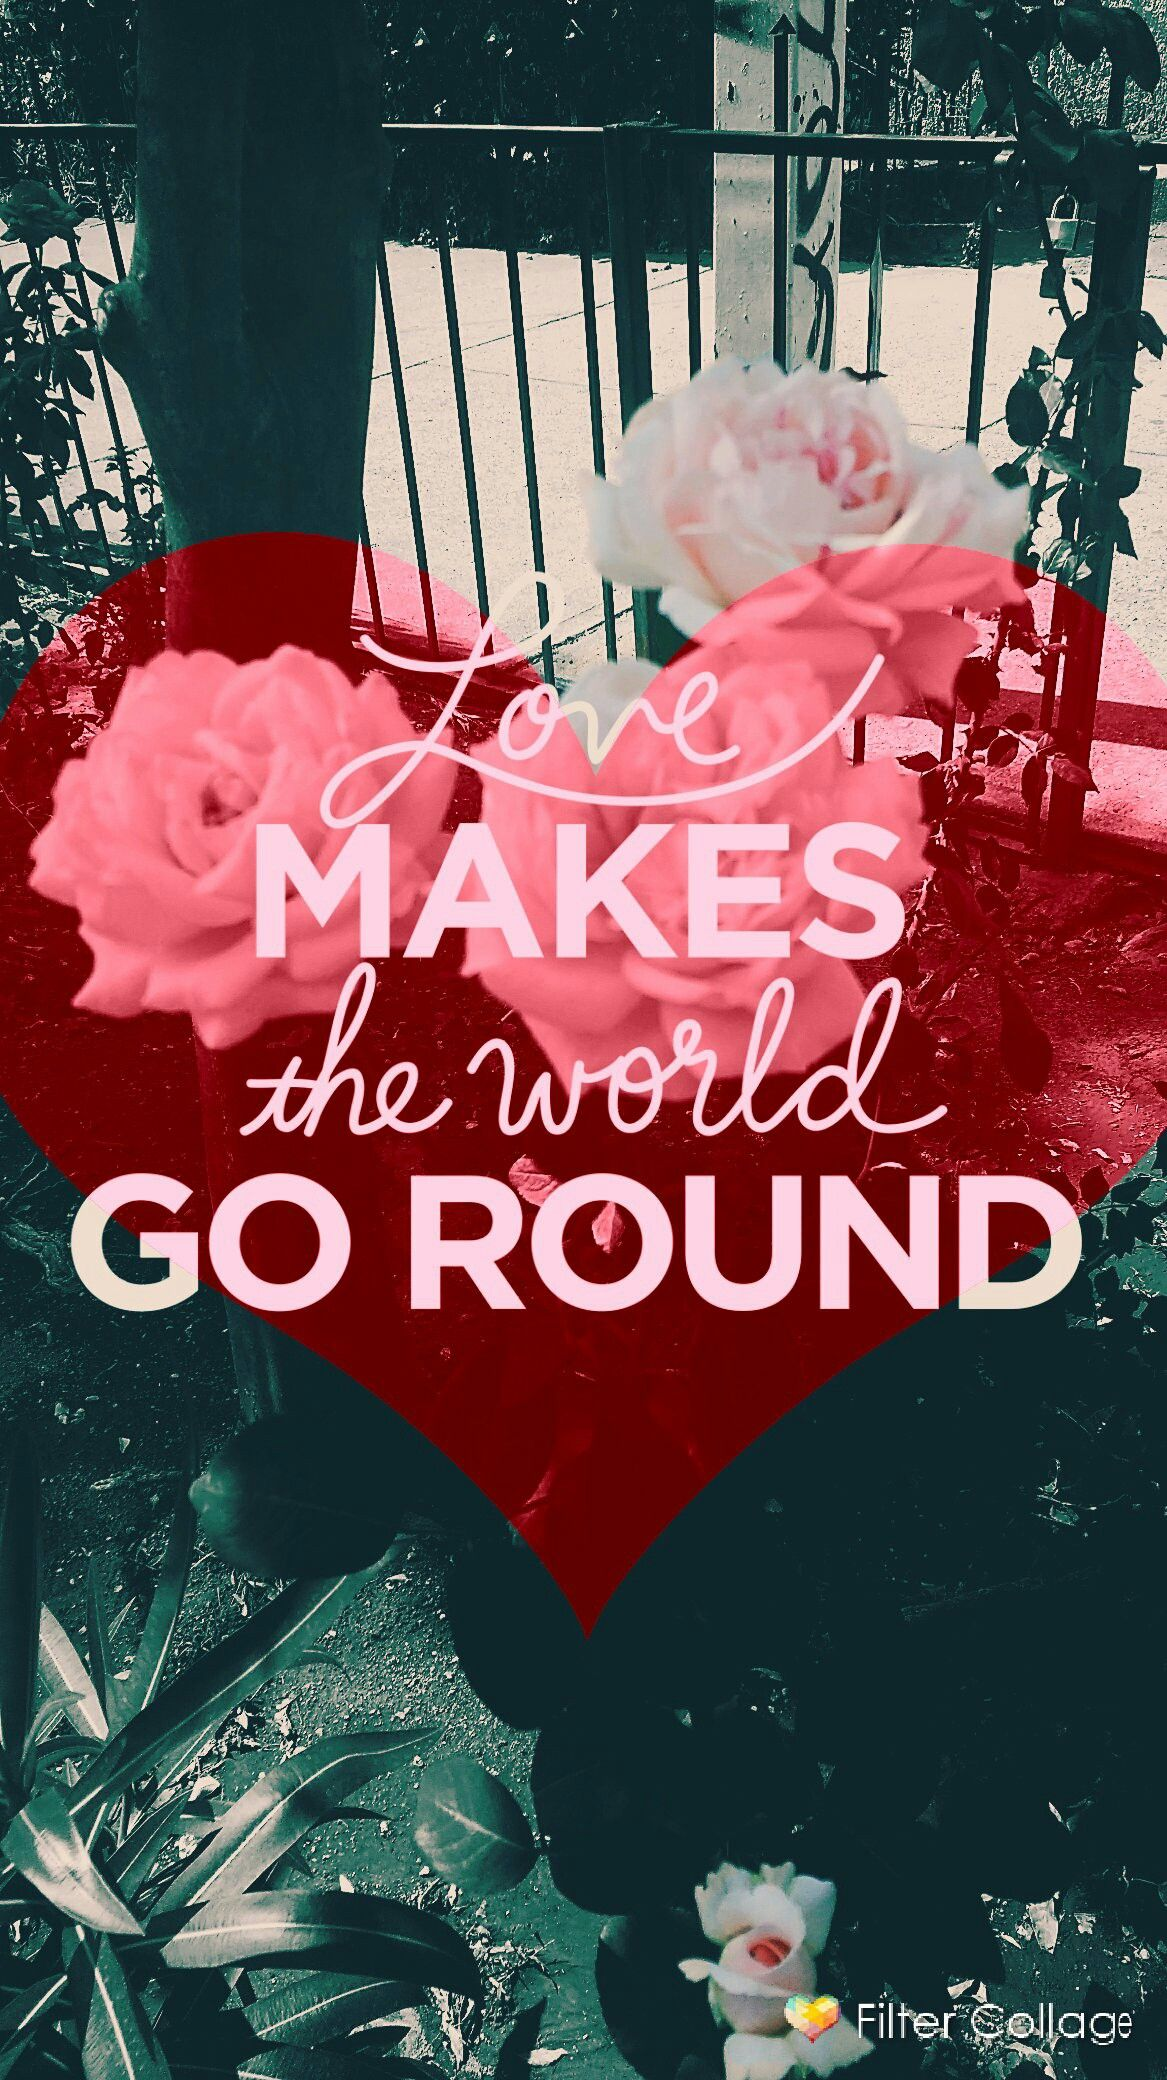 El amor mueve al mundo